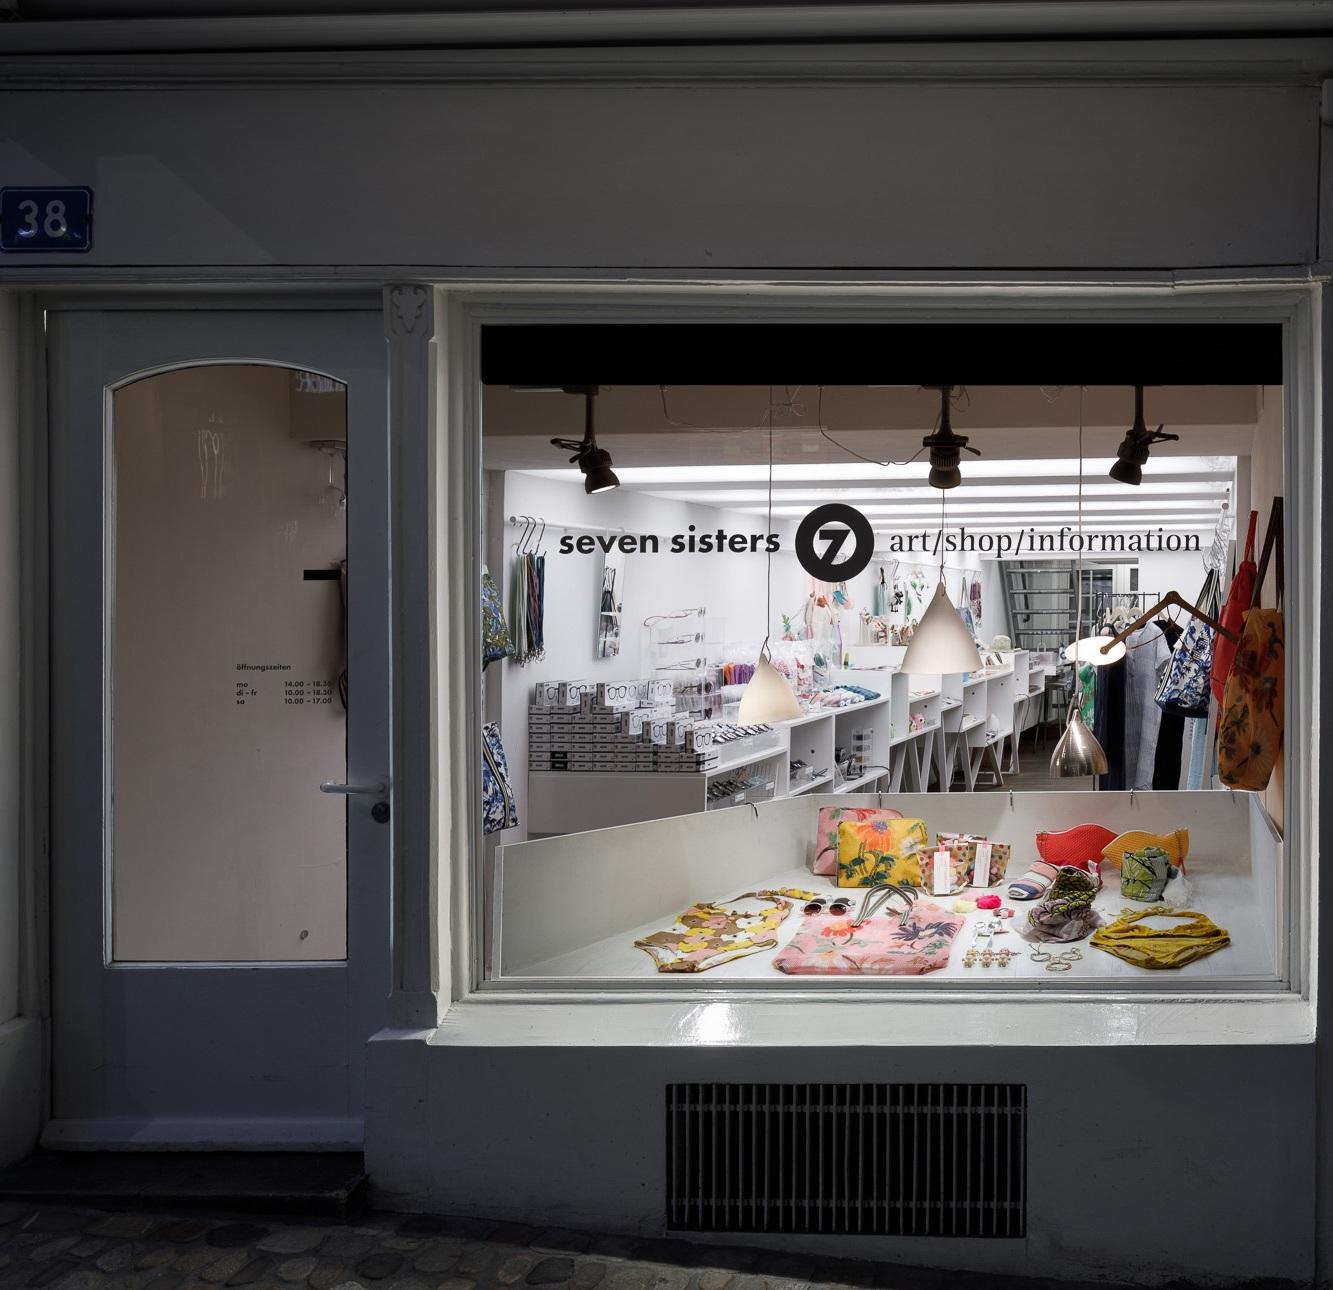 Sevensisters_spalenberg_laden_shop_gescha%CC%88nck_designer_design_basel_.jpg